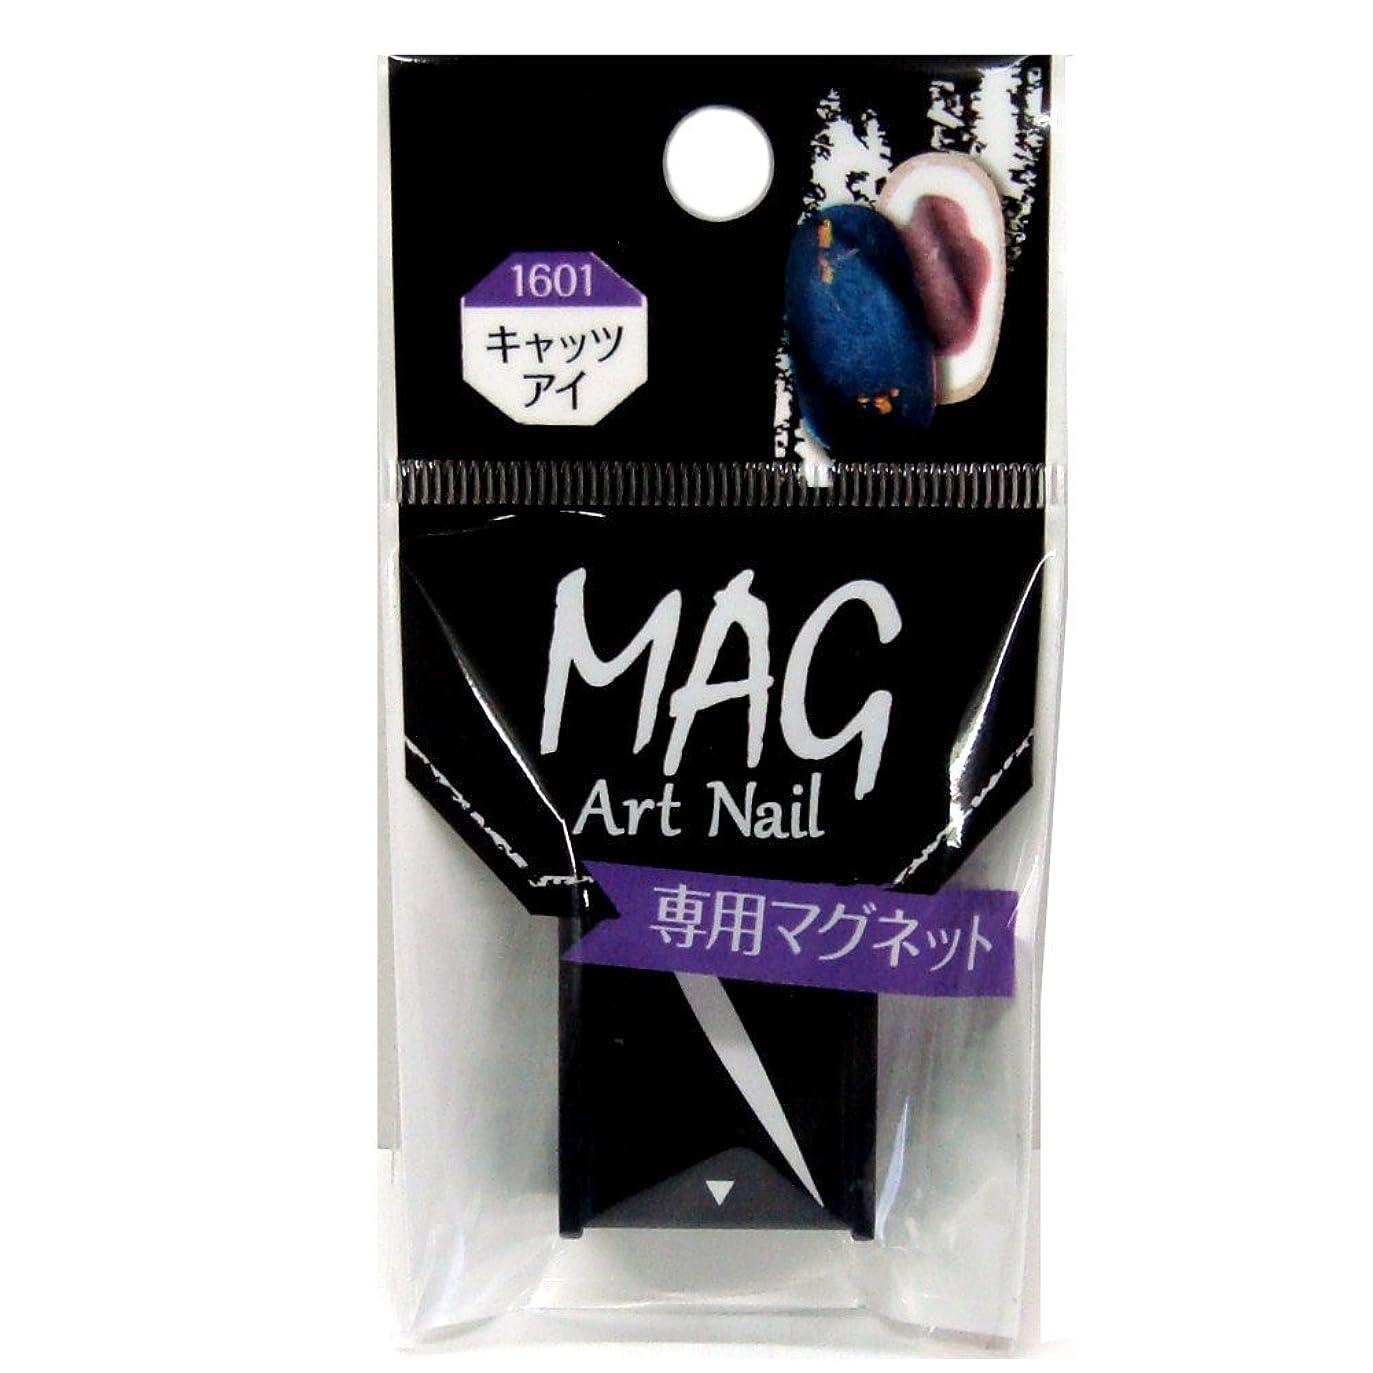 基本的な豪華な急速なTMマグアートネイル専用マグネット キャッツアイ TMMAM1601